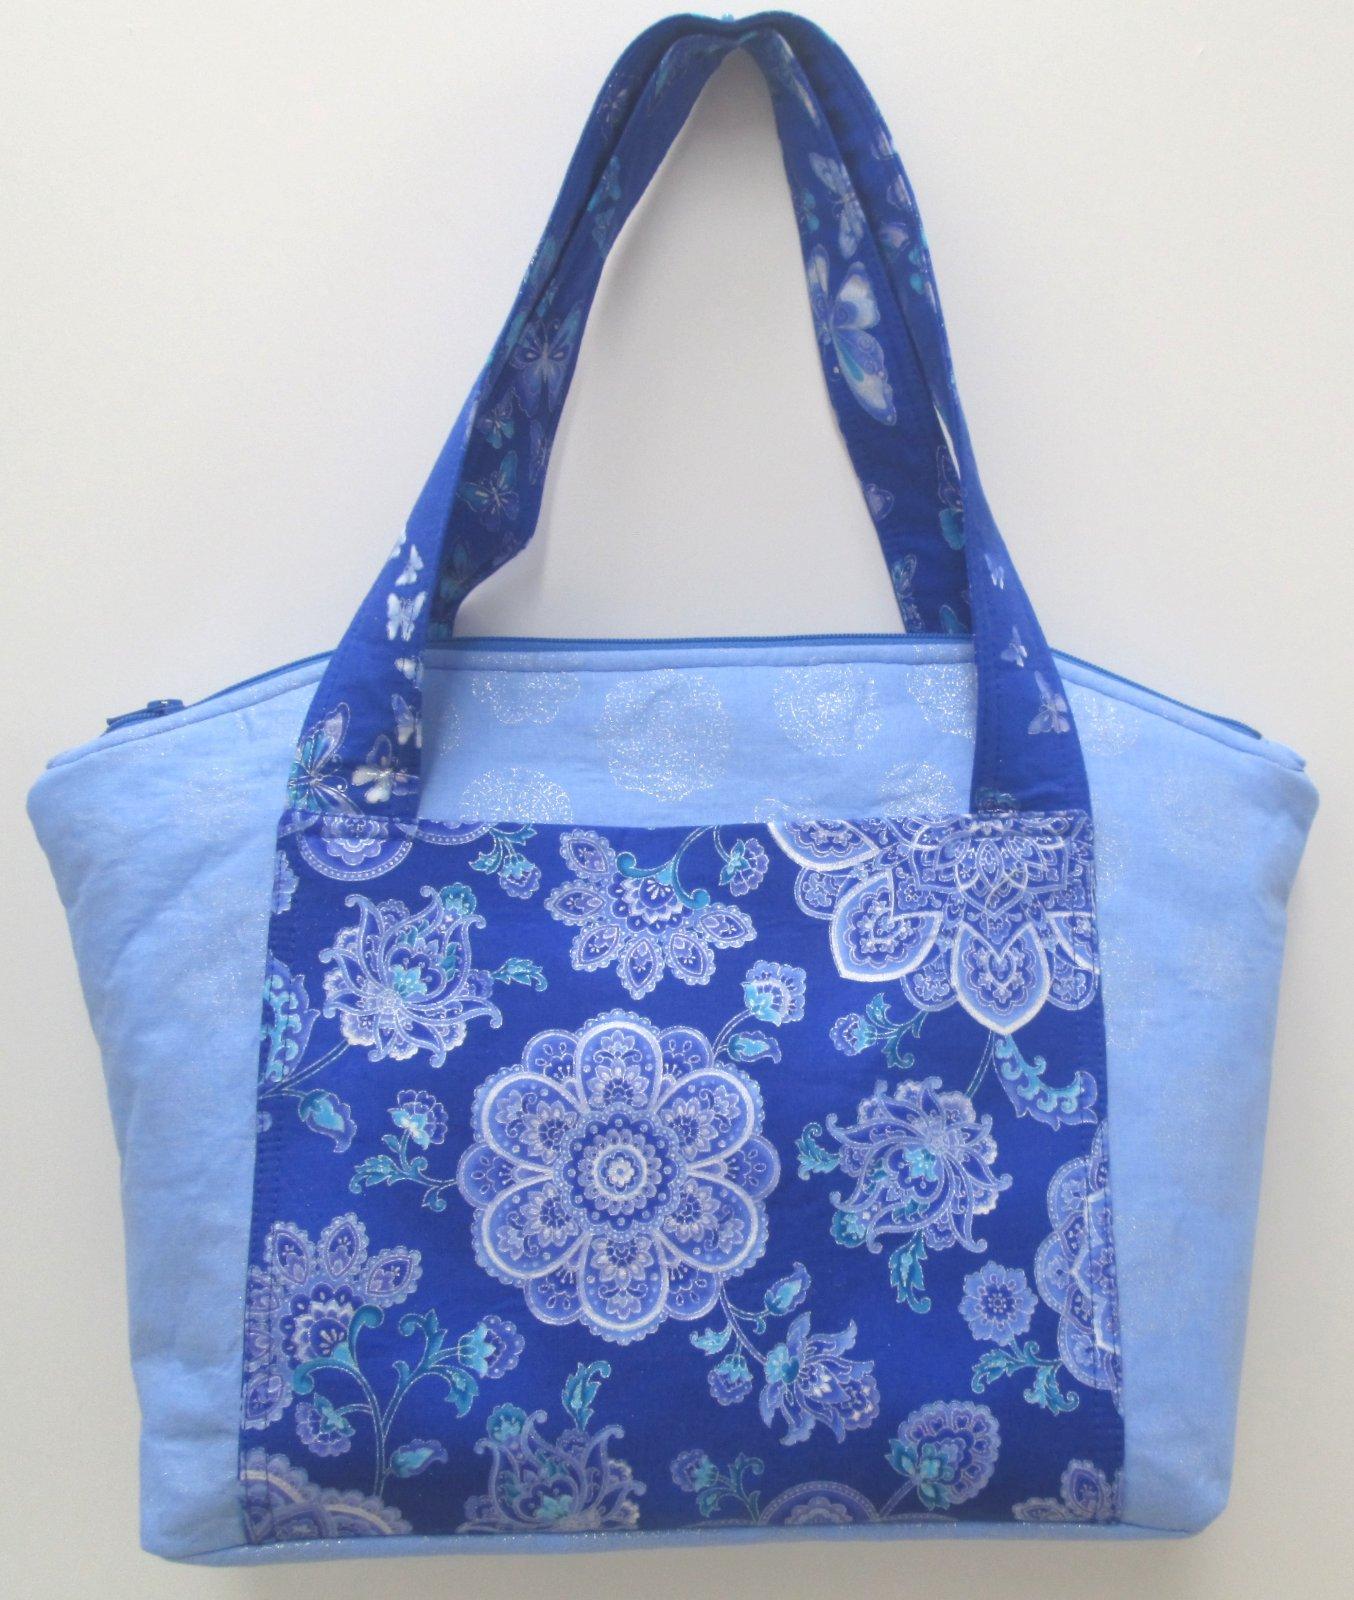 Dutchess Santorini Handbag Kit